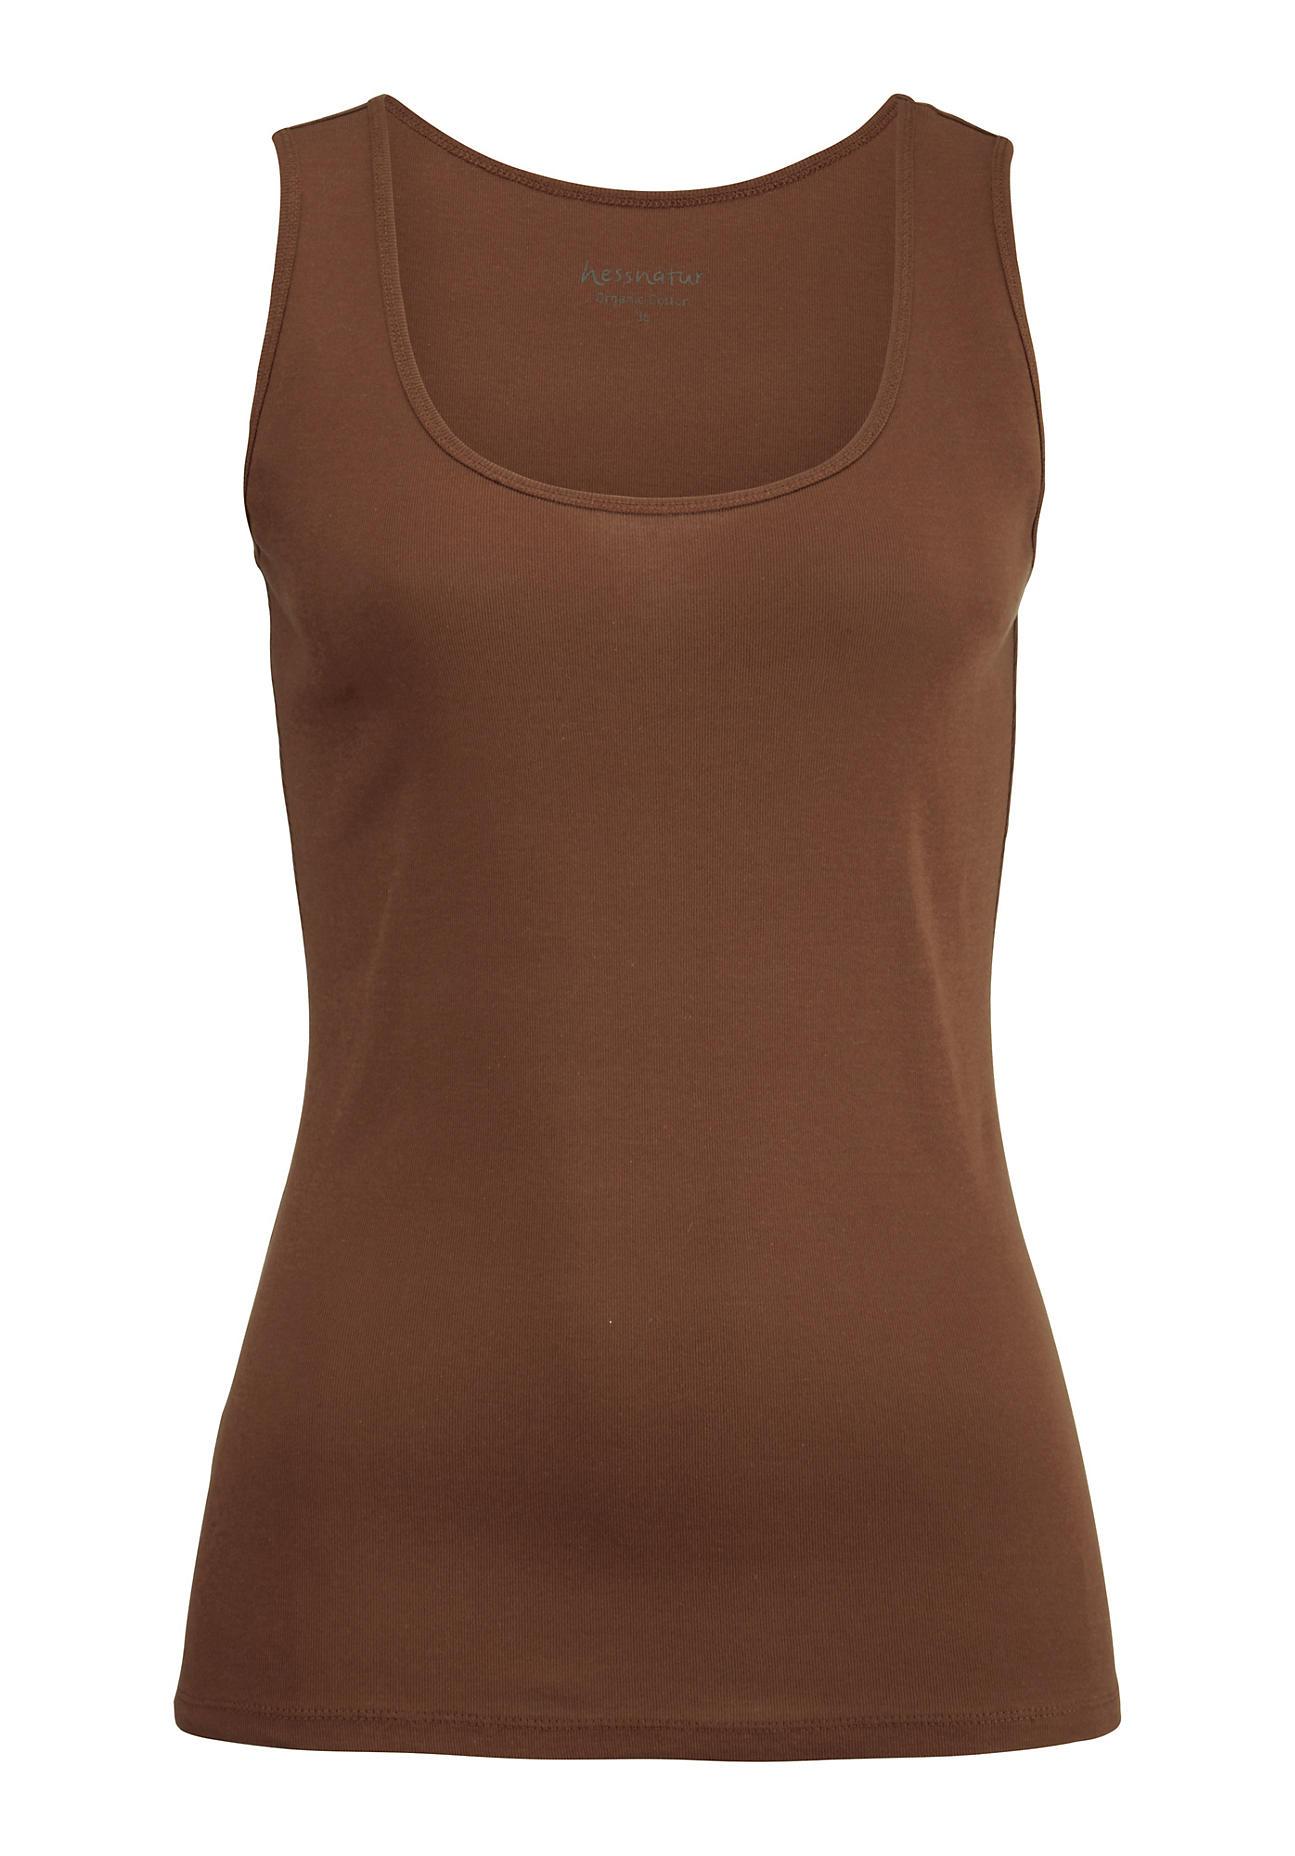 hessnatur -  Damen Top aus Bio-Baumwolle – rosa – Größe 42